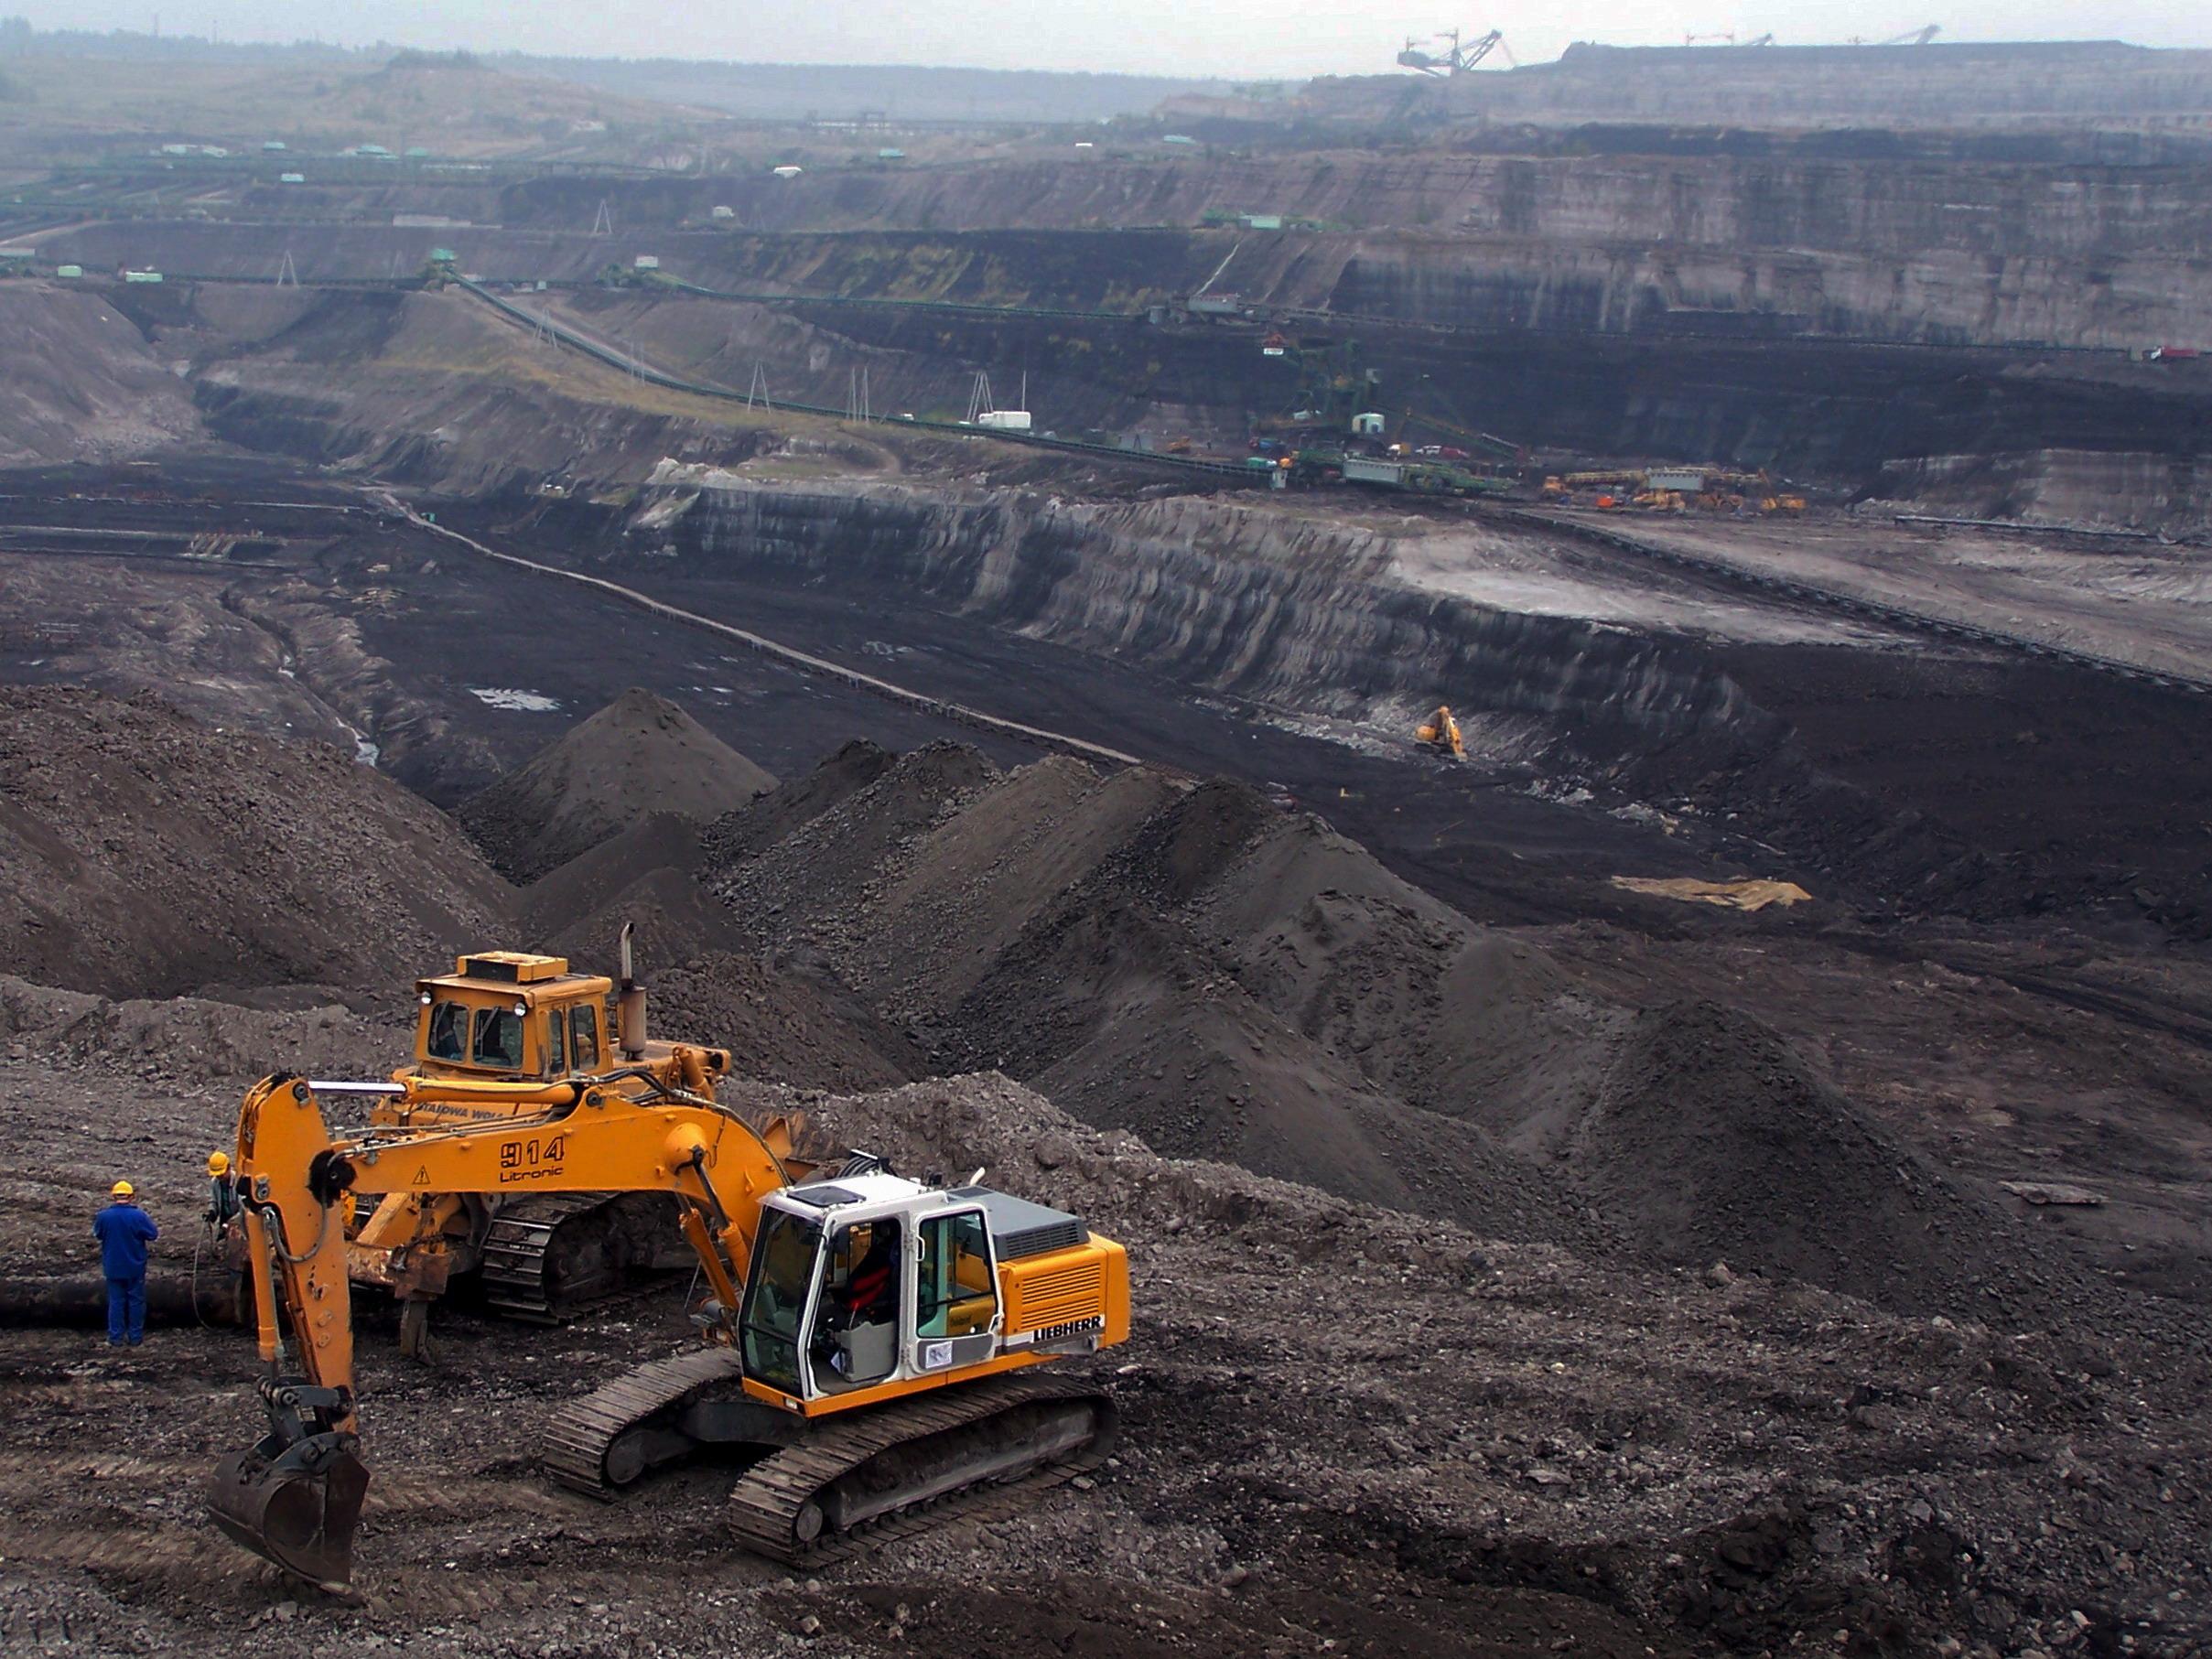 La mina de lignit de Turow, a Polònia   W.C.